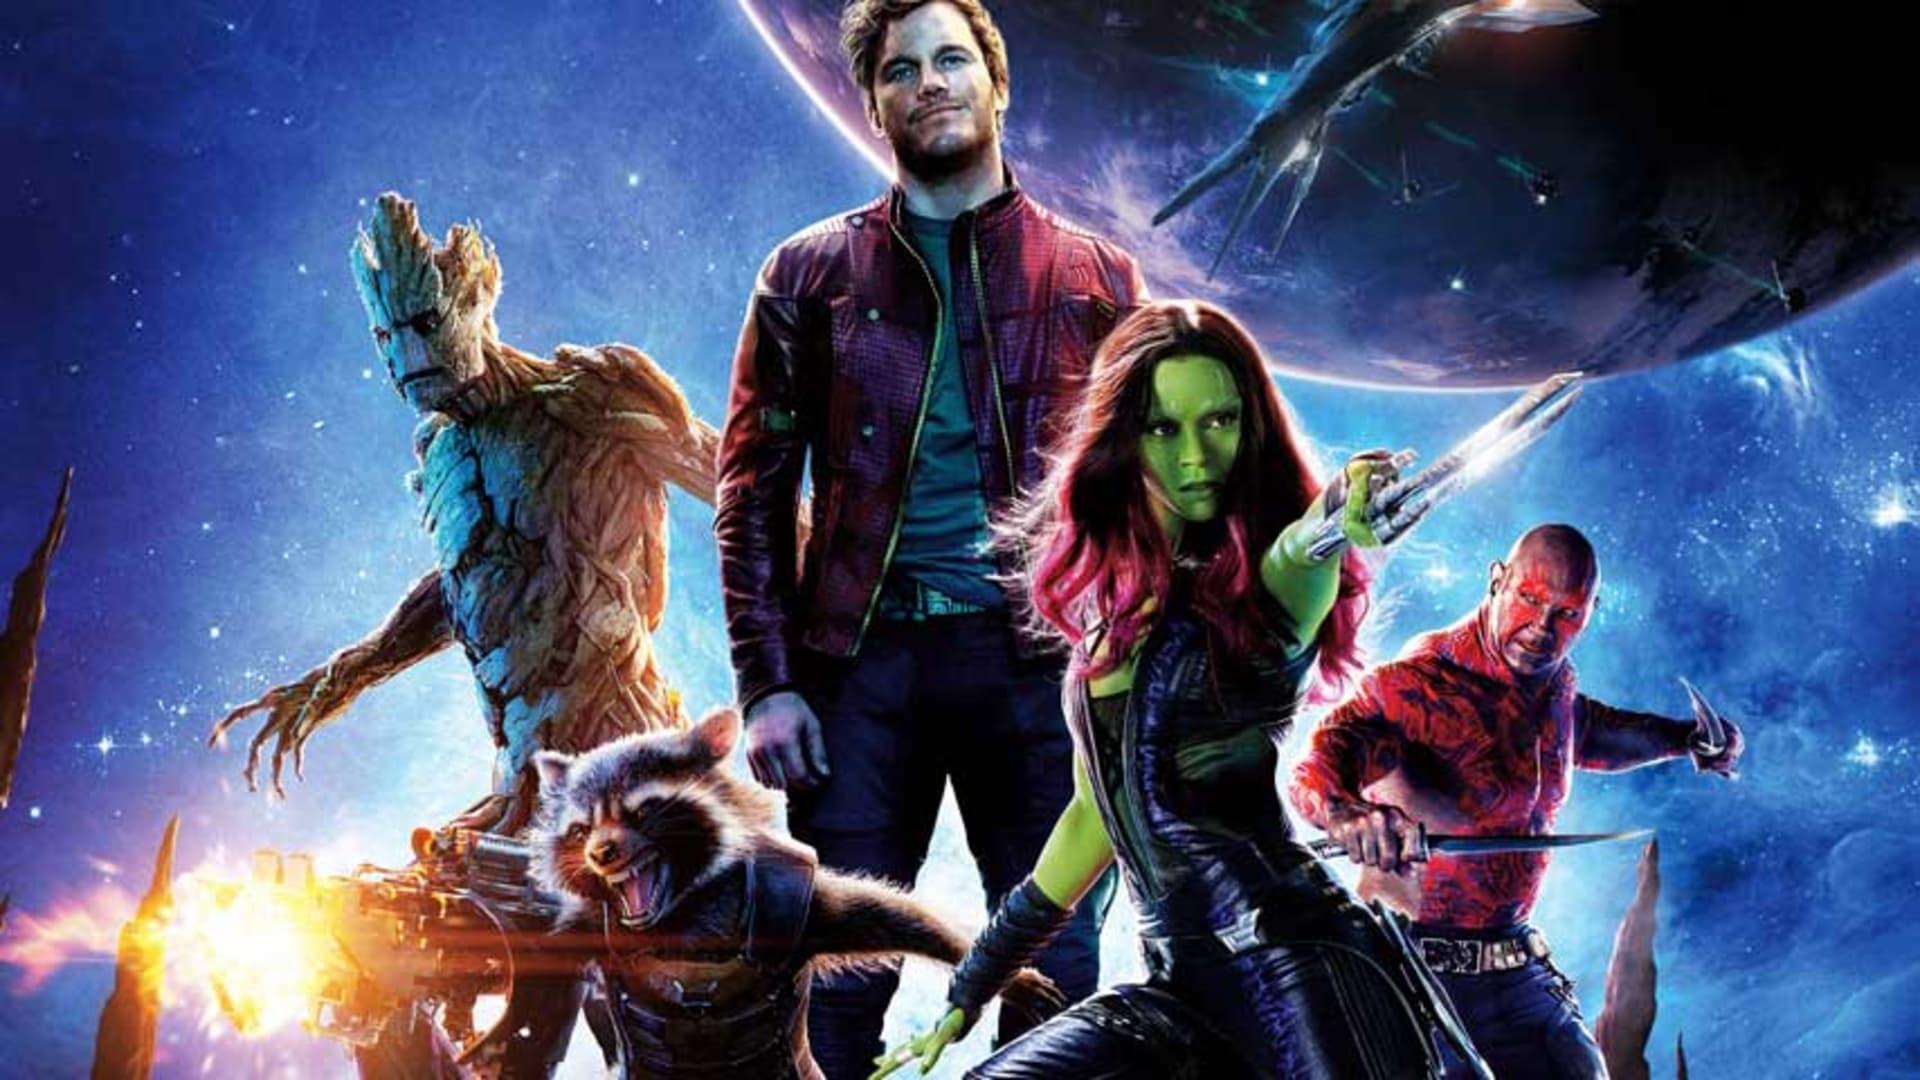 Här är synopsisen för Guardians of the Galaxy